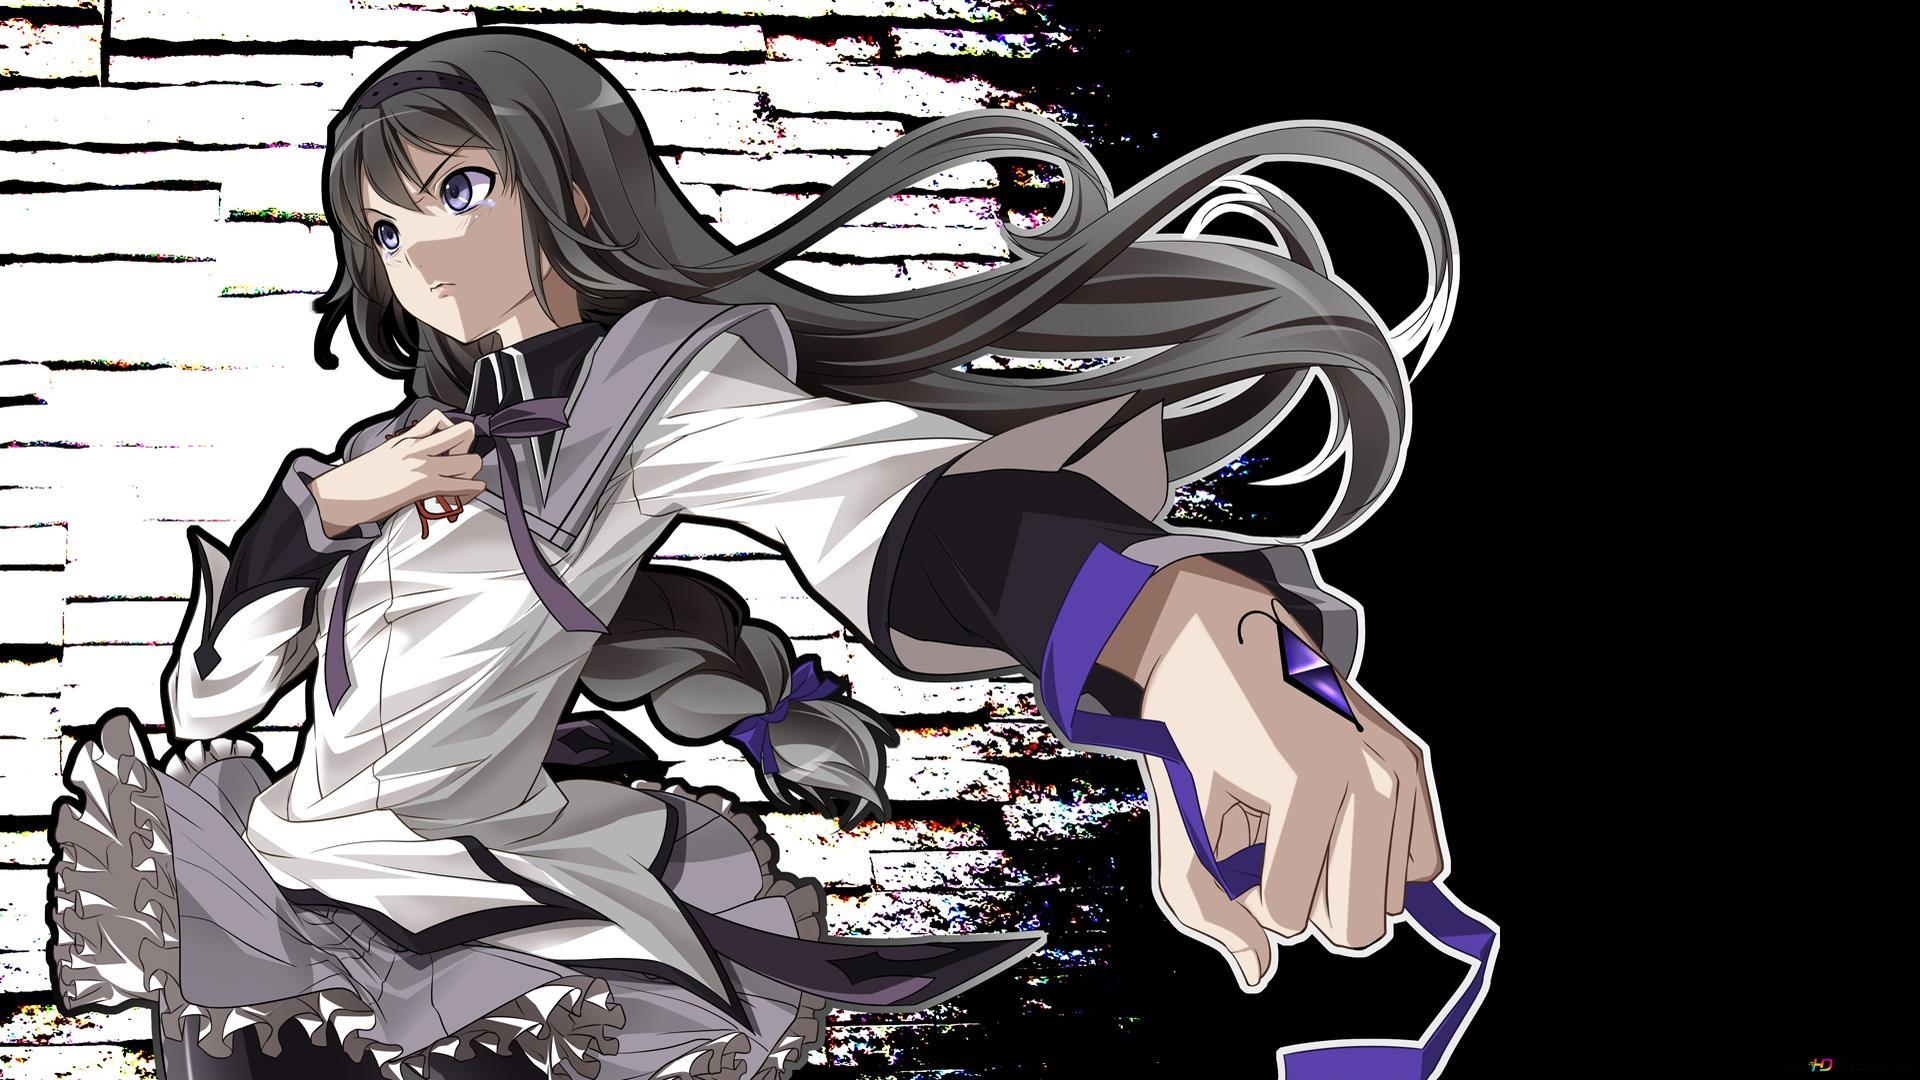 Puella Magi Madoka Magica Homura Akemi Hd Wallpaper Download